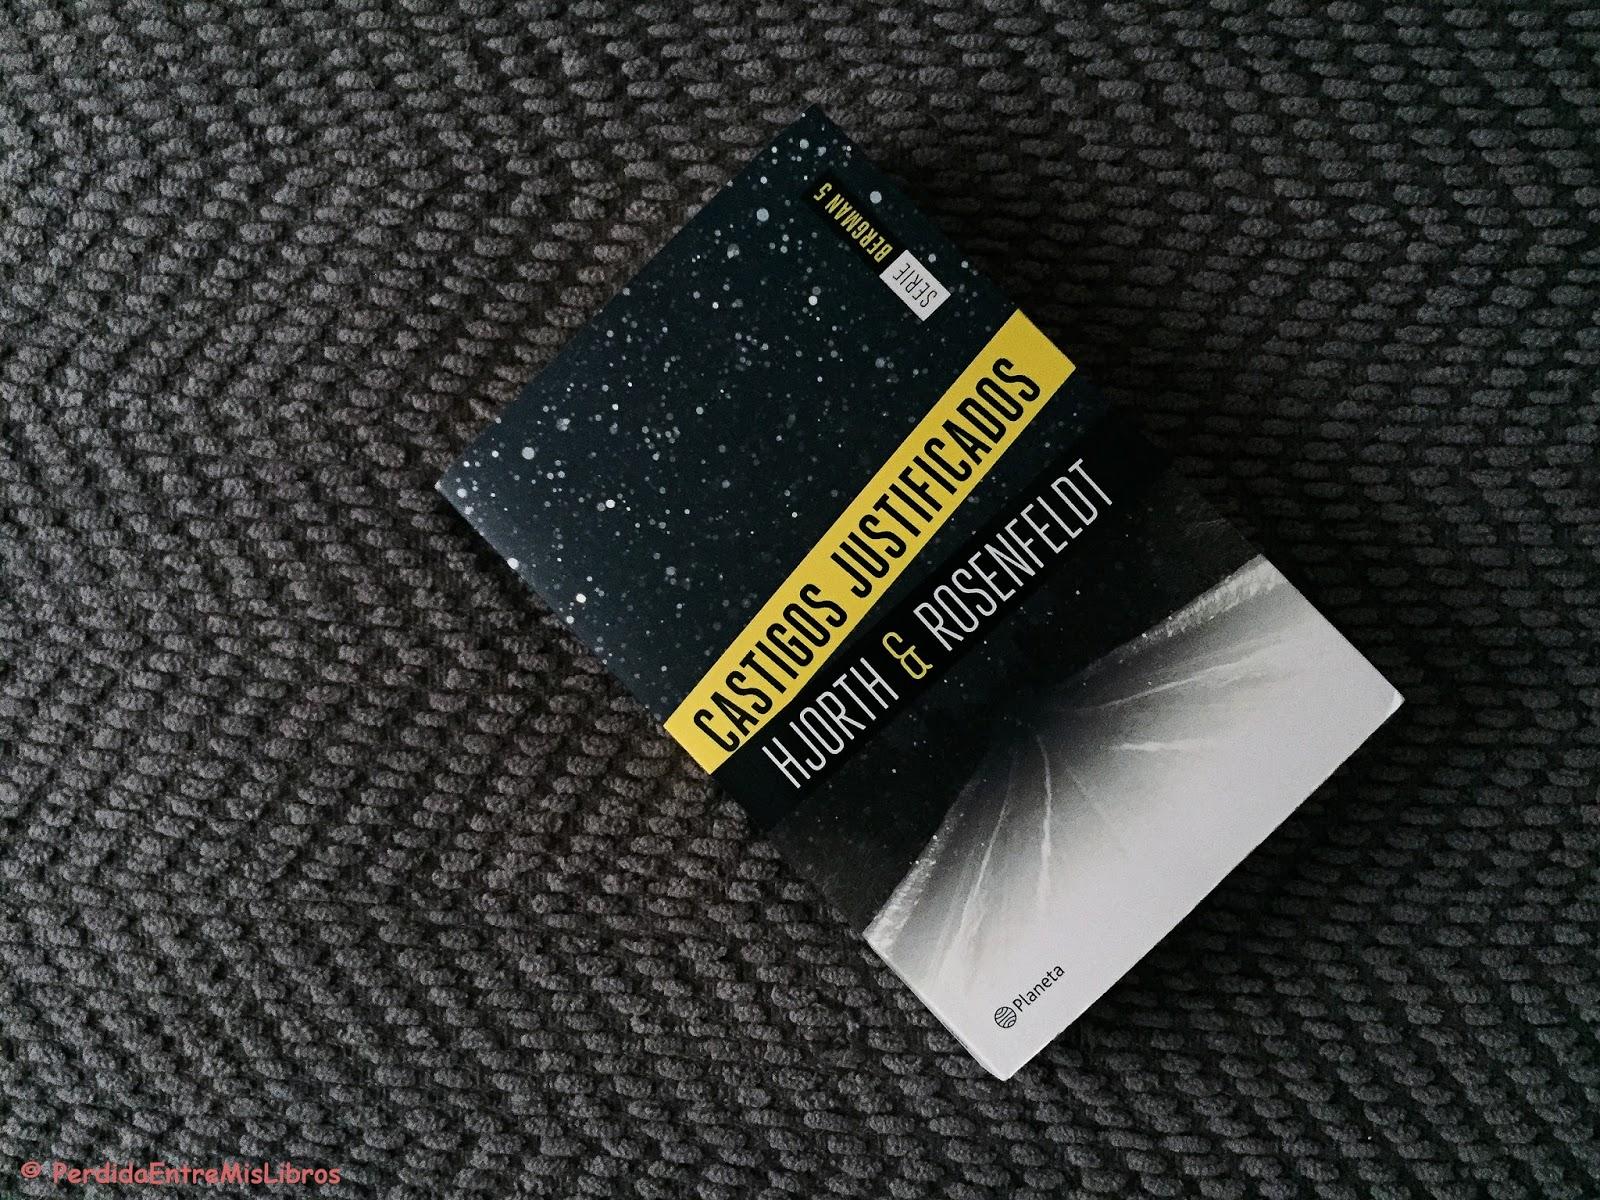 Perdida entre mis libros